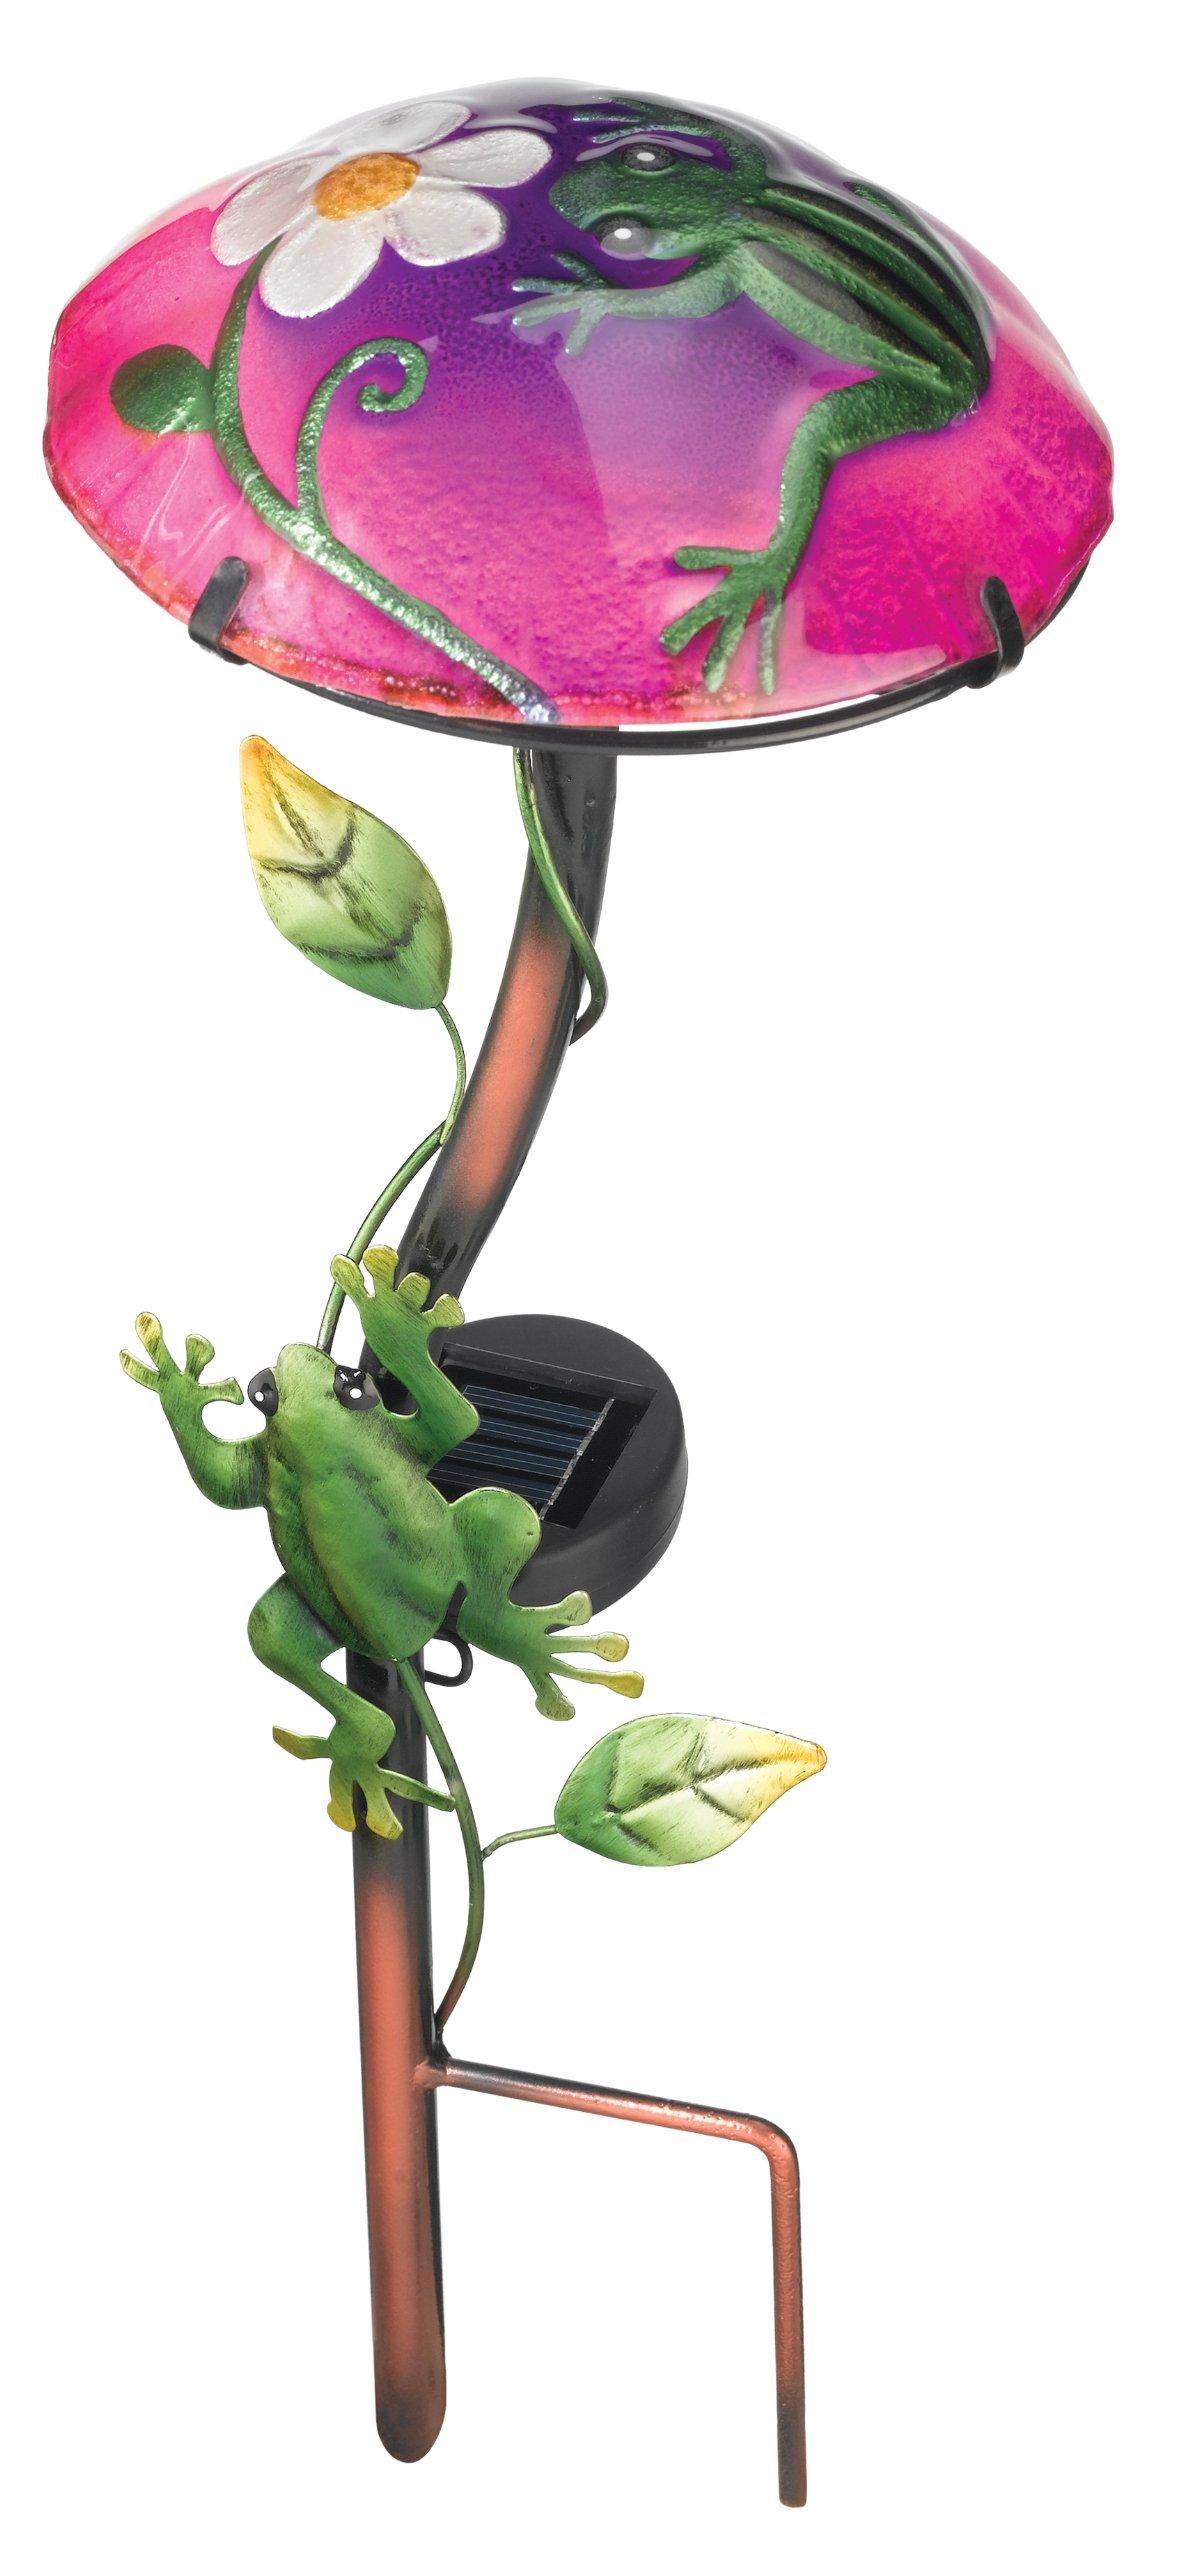 Regal Art &Gift Solar Mushroom Stake Frog  Garden Decor